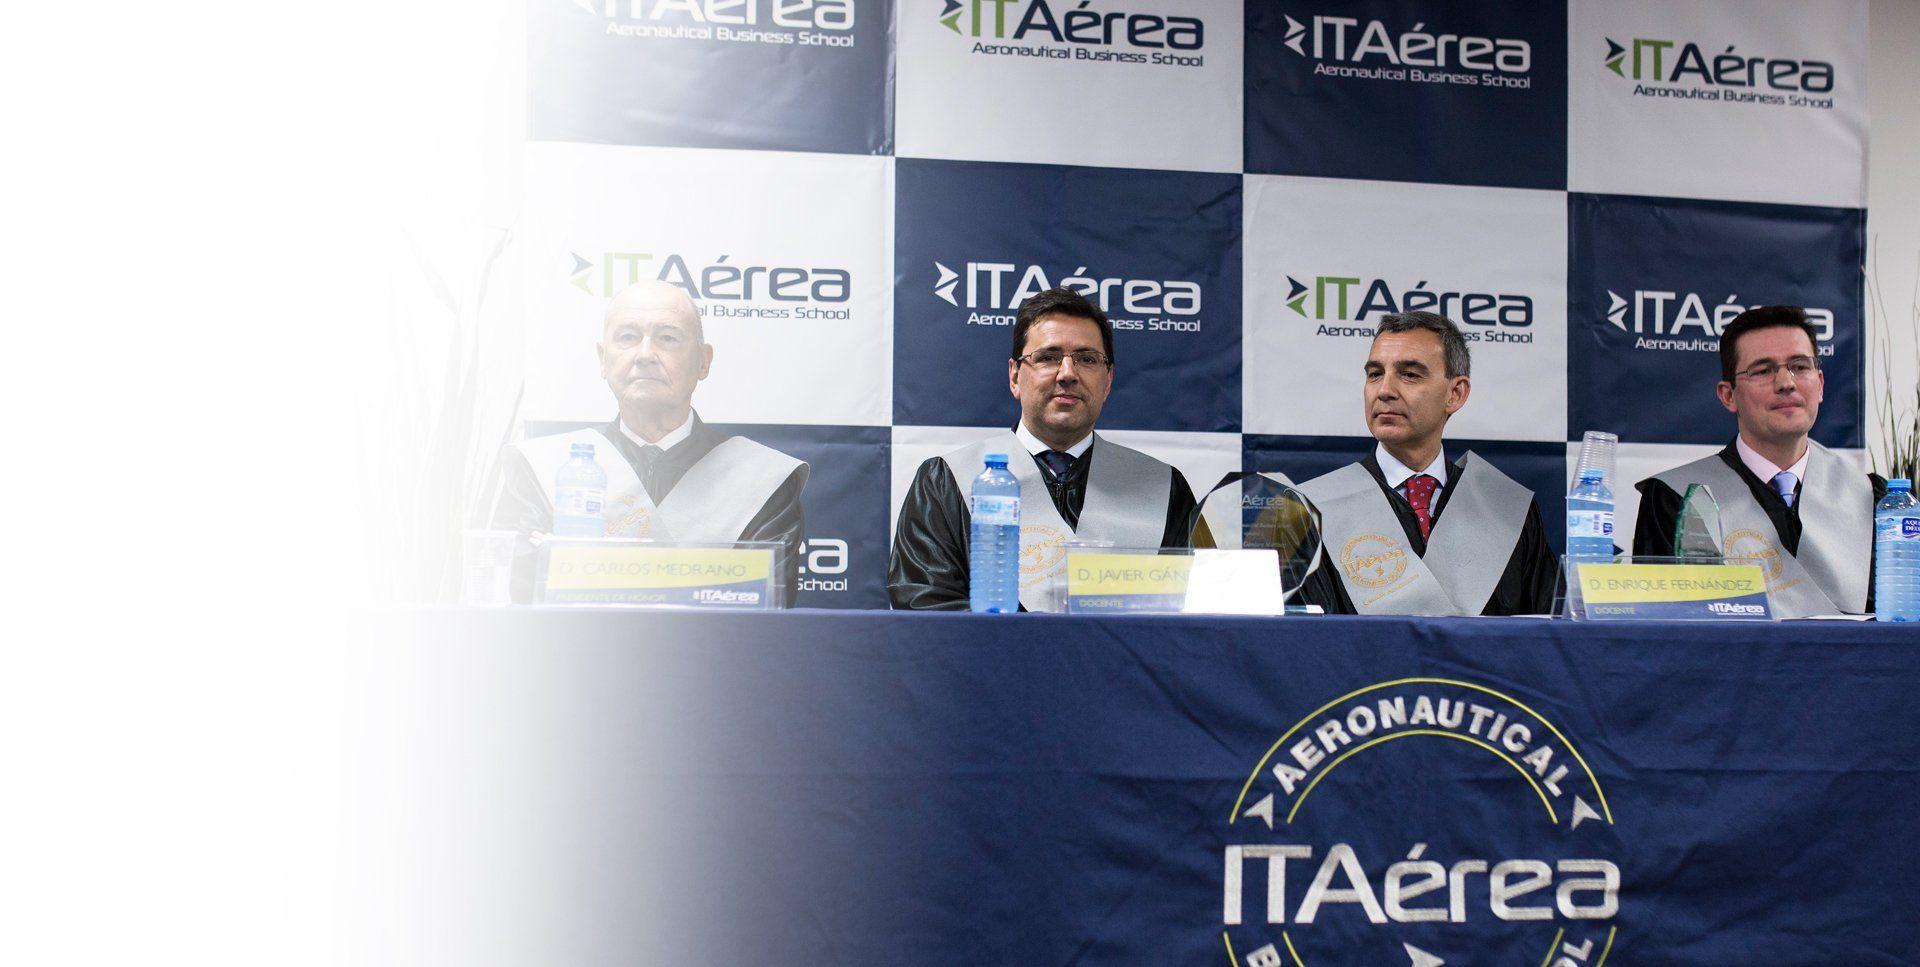 <span class='negritaslide'>CURSOS y SEMINARIOS</span><br /> ITAérea  Aeronautical Business School.